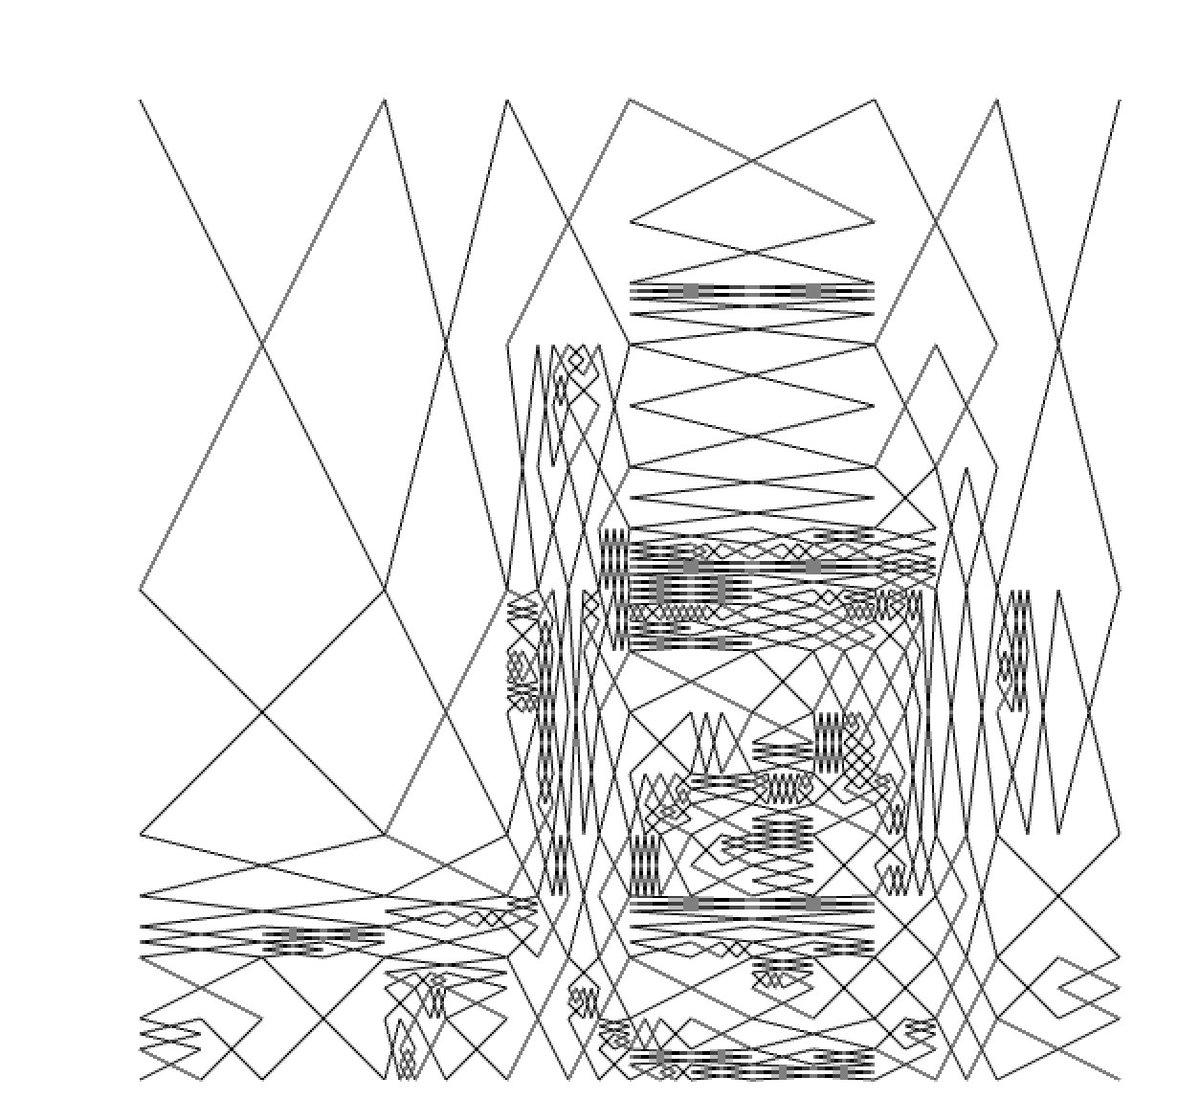 Zach Lieberman On Twitter Webcam Split Lines